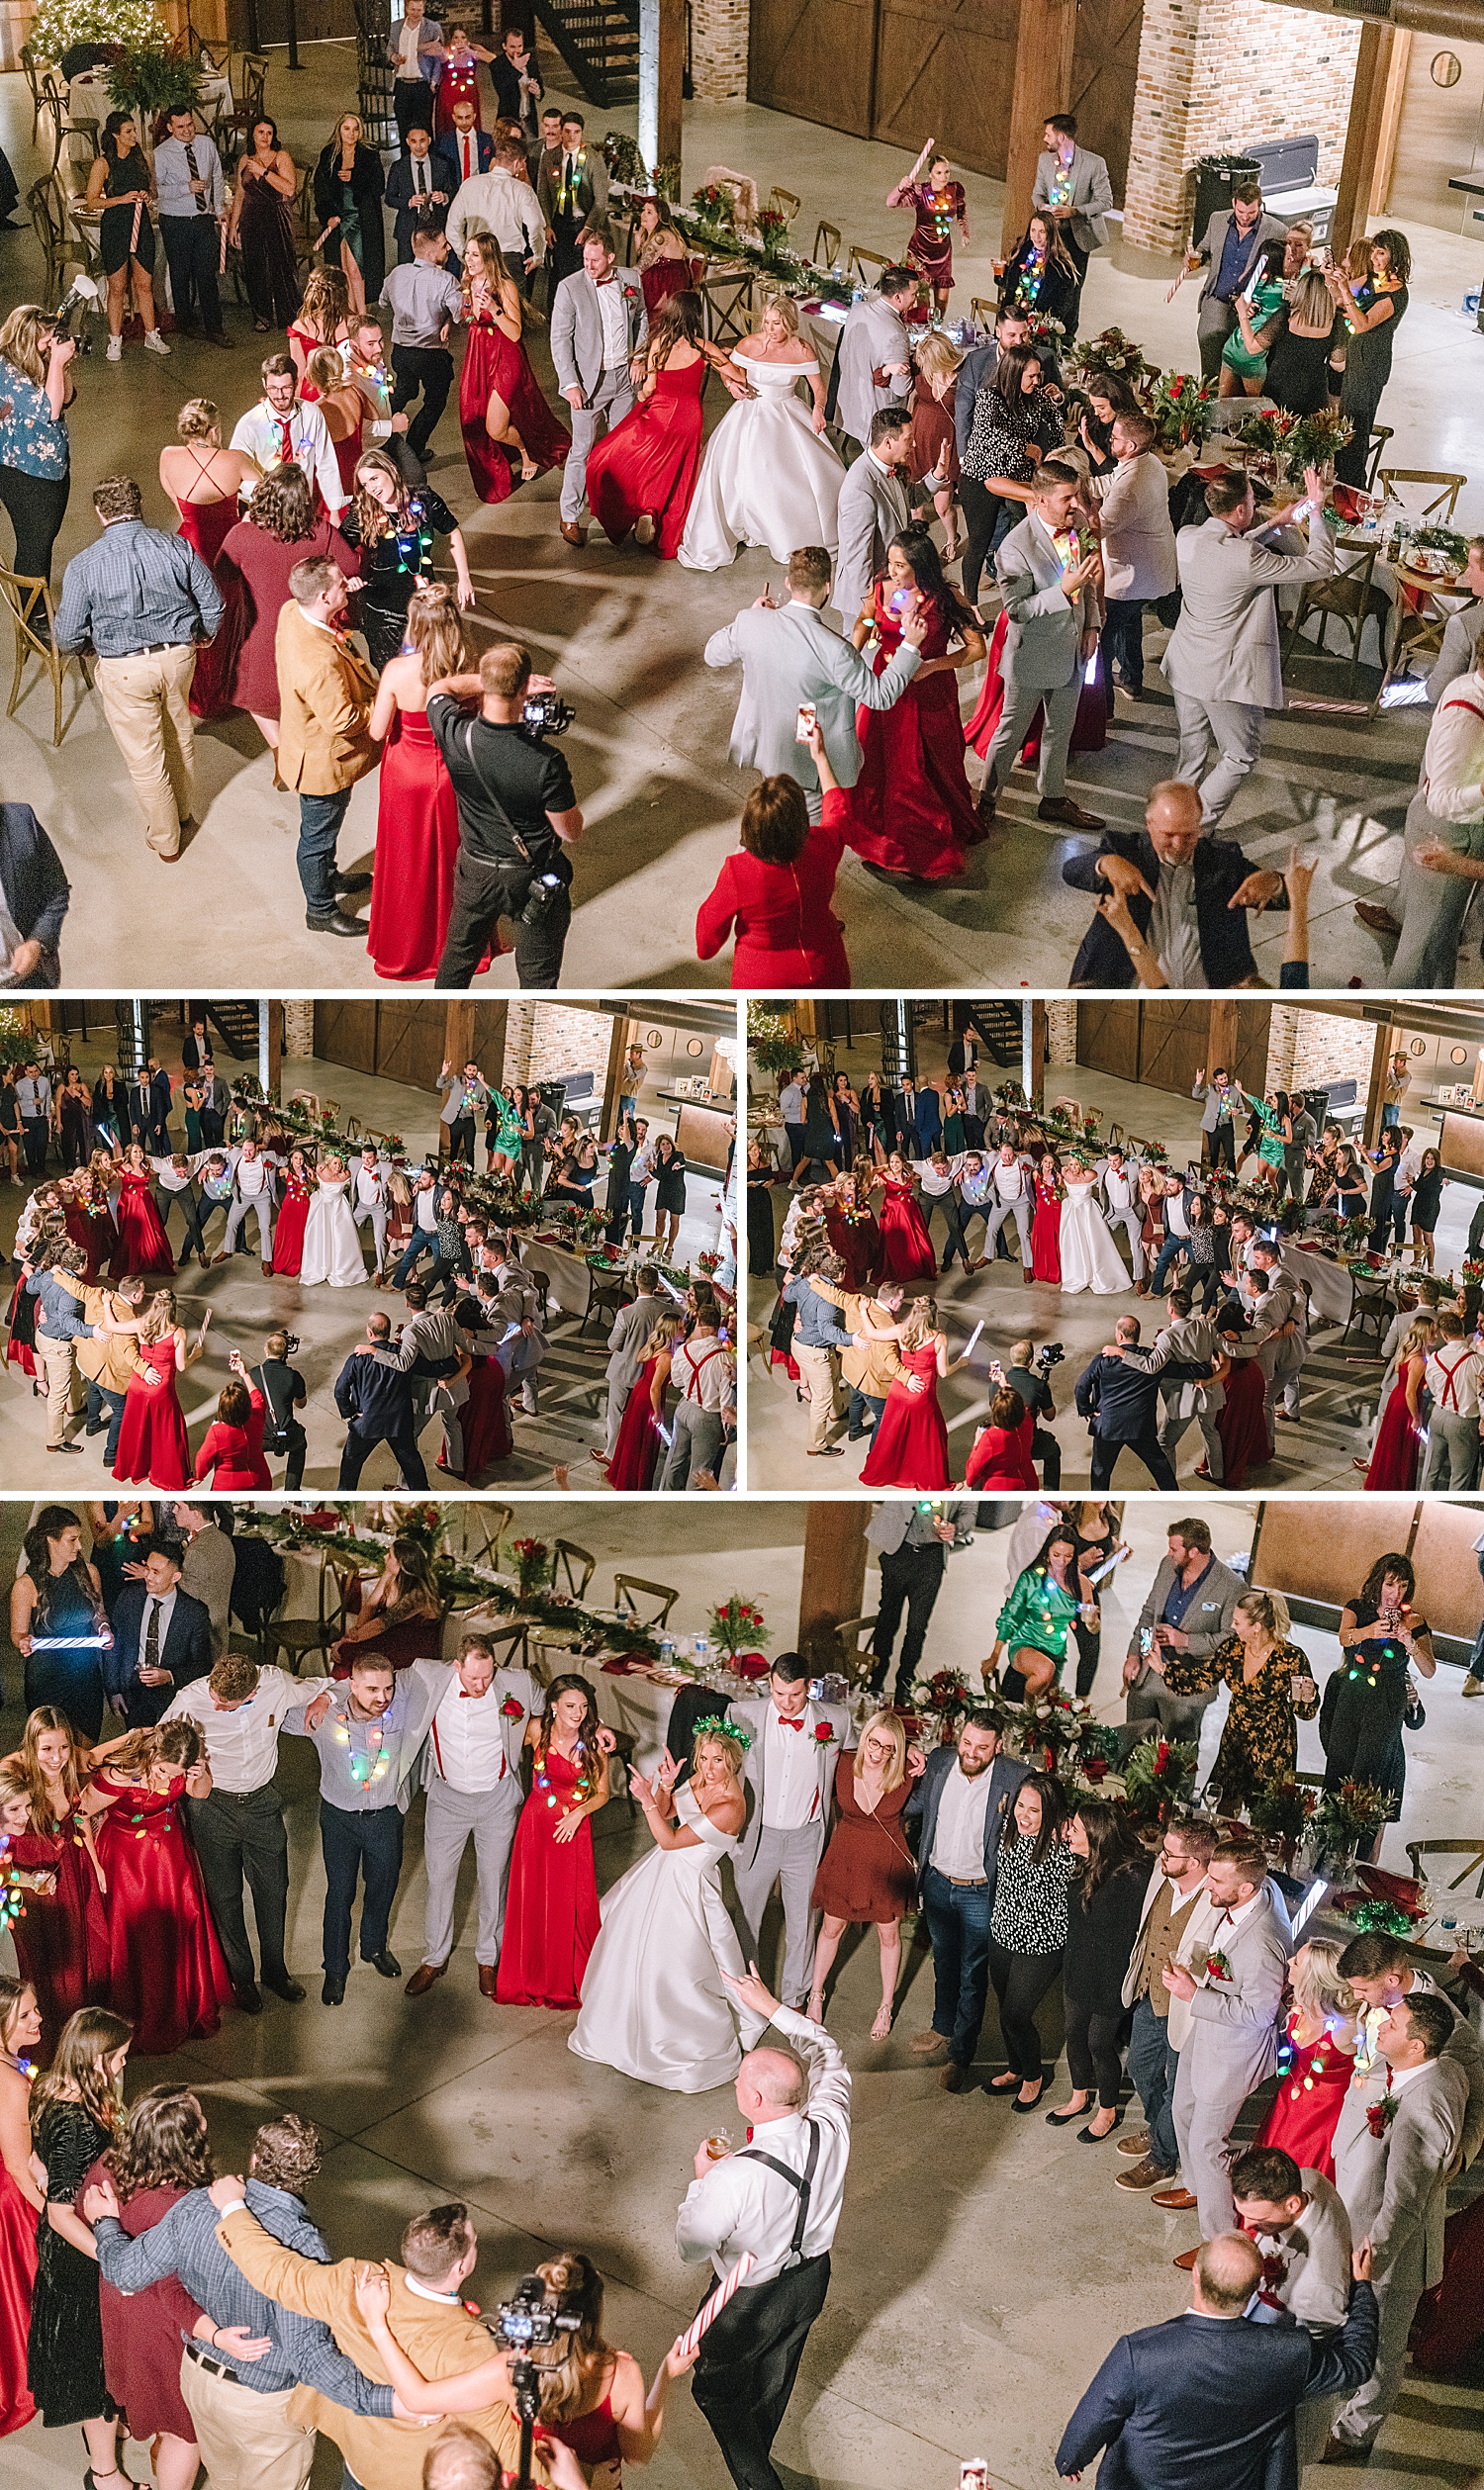 College-Station-Aggie-Wedding-The-Weinberg-at-Wixon-Valley-Christmas-Hallmark-Wedding_0109.jpg